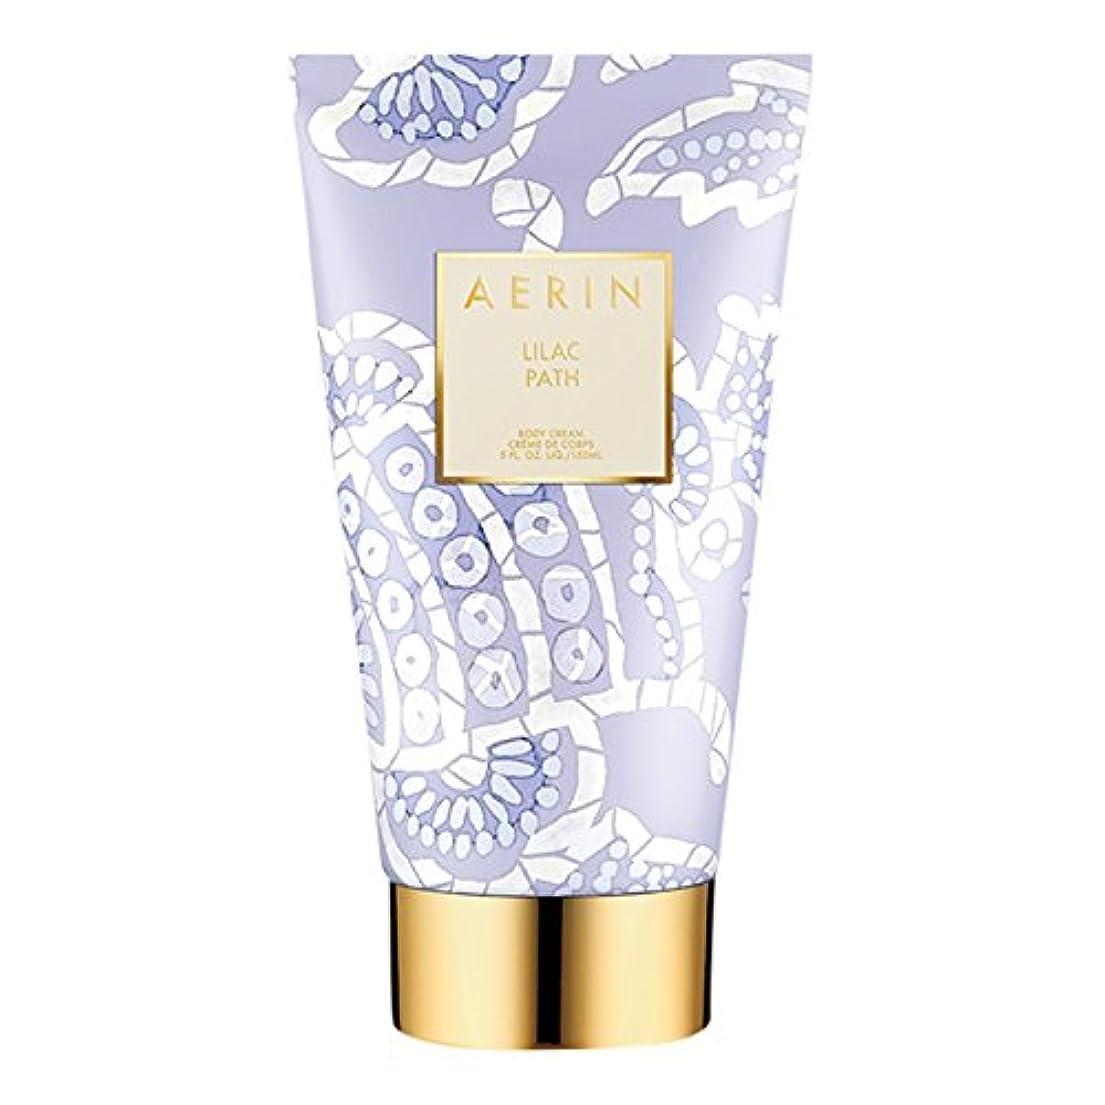 修復情緒的マルコポーロAerinライラックパスボディクリーム150ミリリットル (AERIN) (x6) - AERIN Lilac Path Body Cream 150ml (Pack of 6) [並行輸入品]